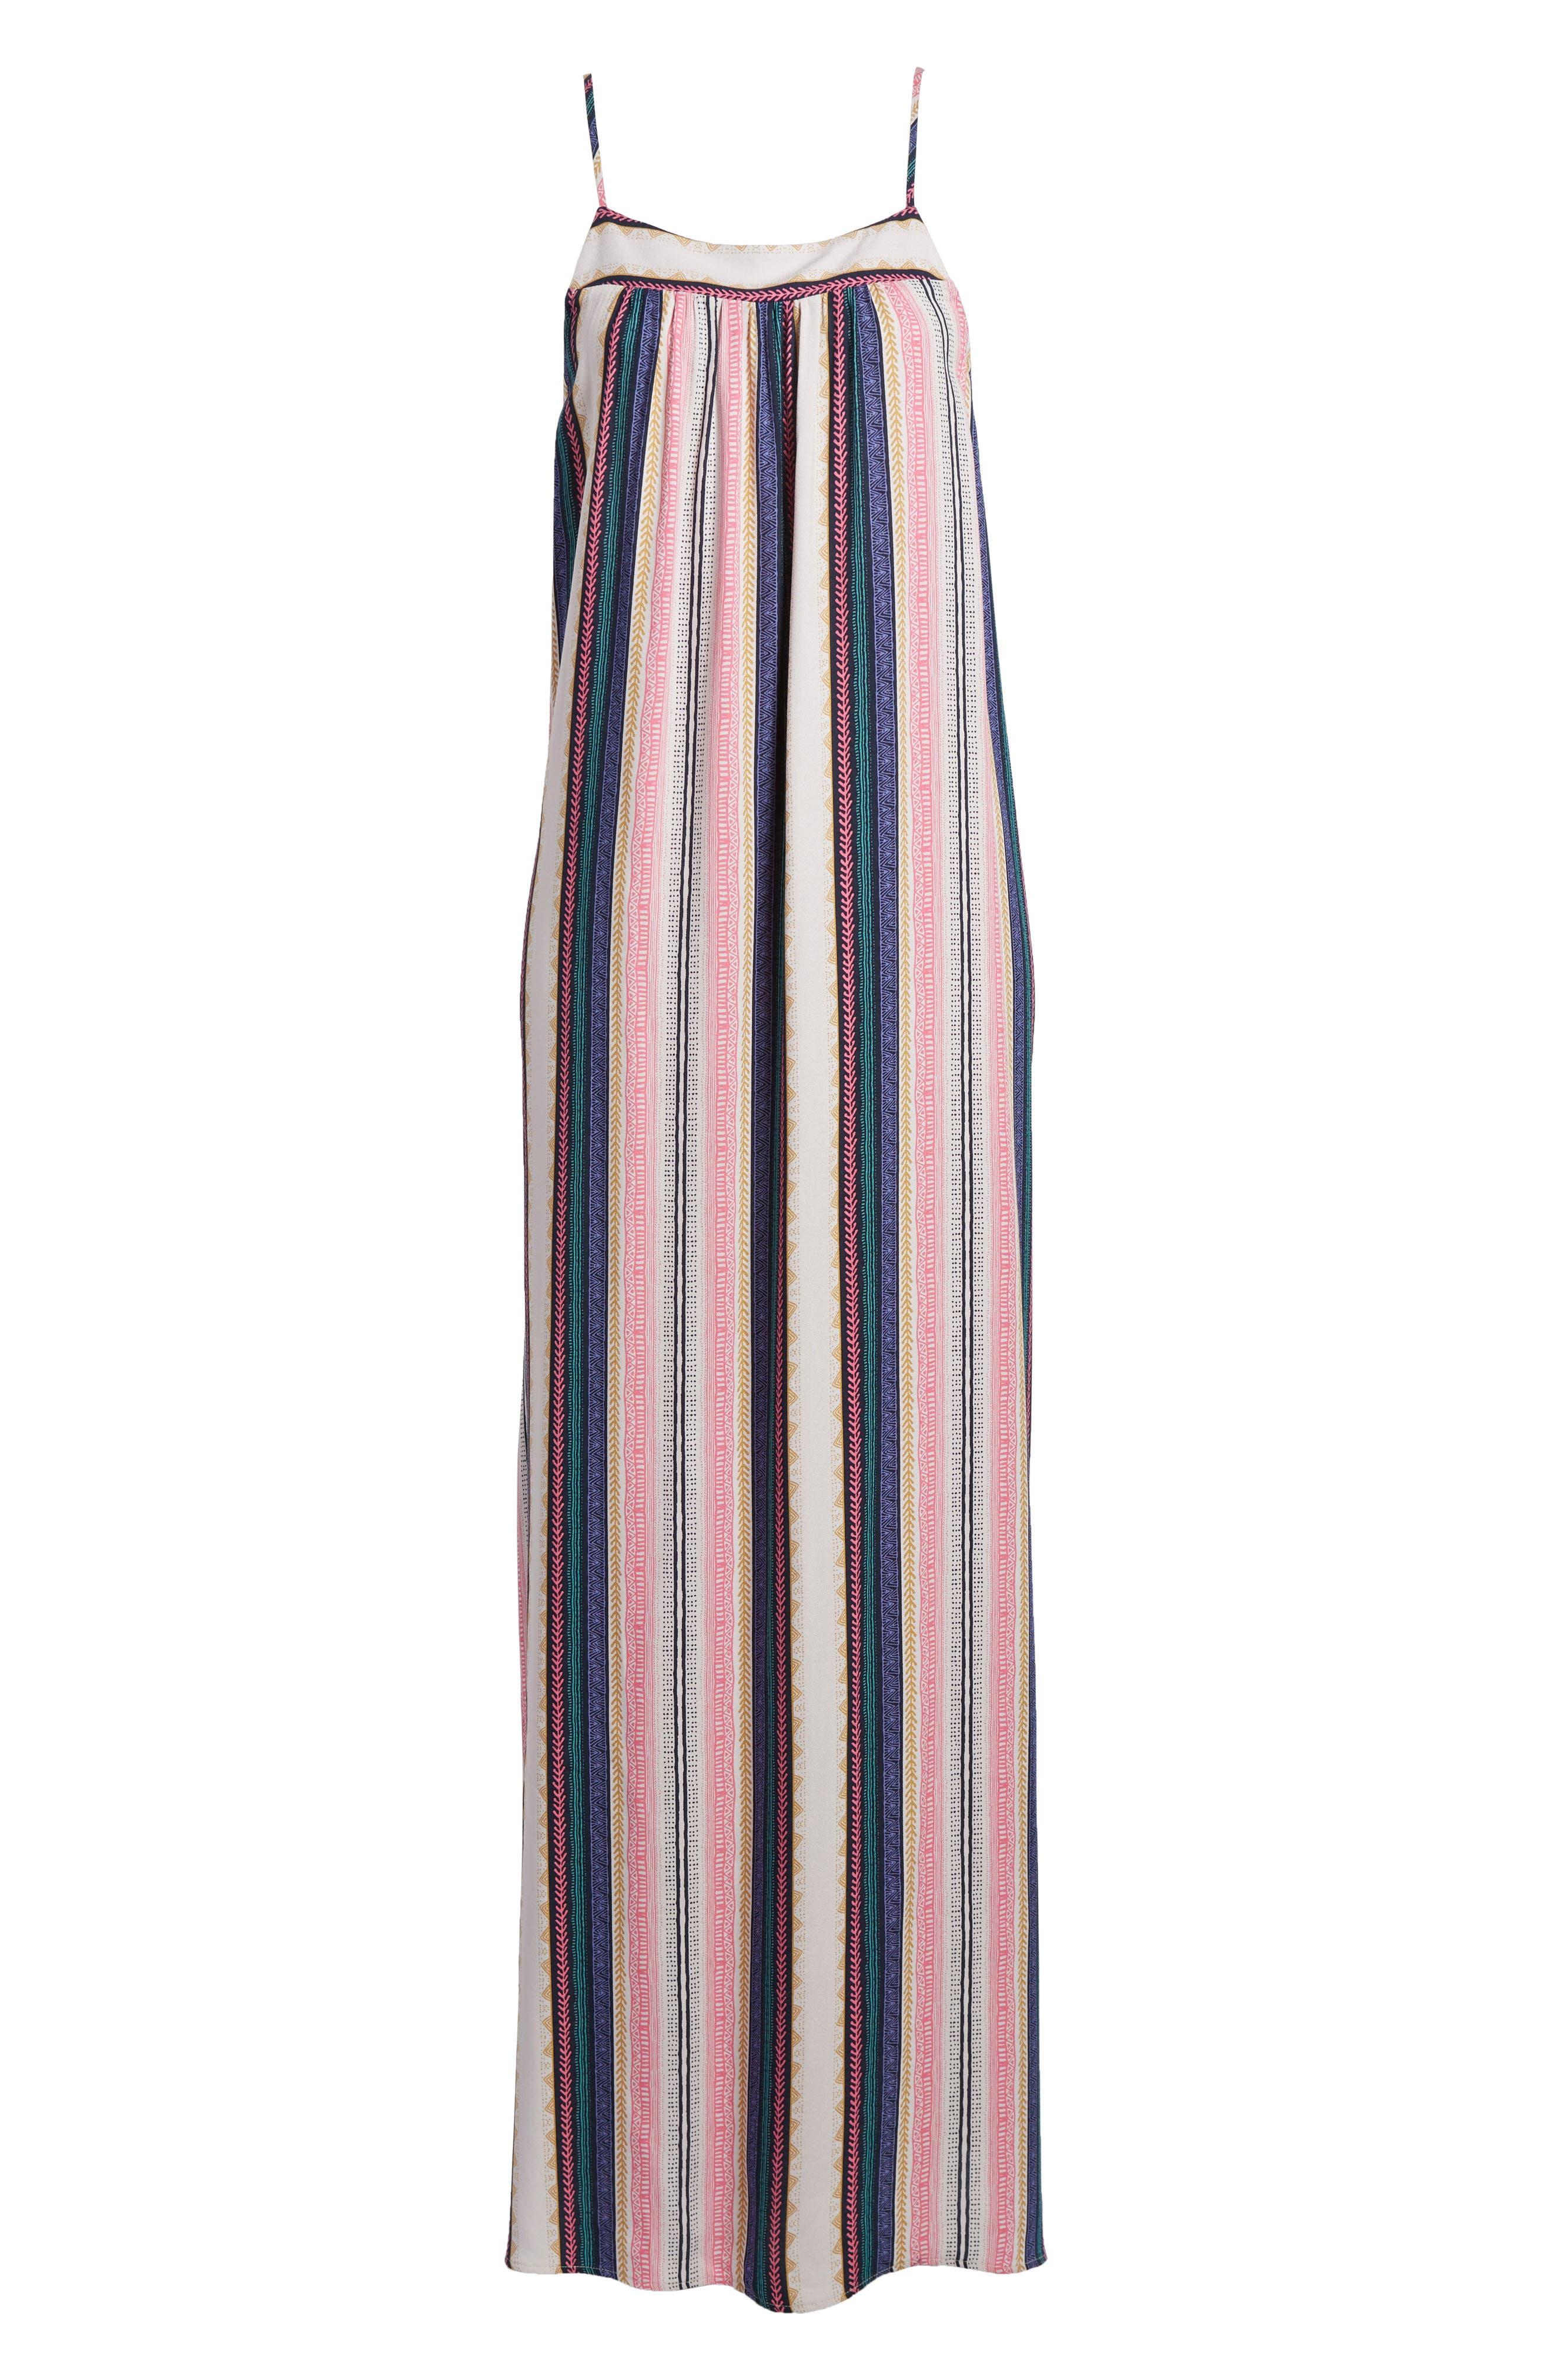 Stripe Maxi Dress,                             Alternate thumbnail 6, color,                             Multi Stripe